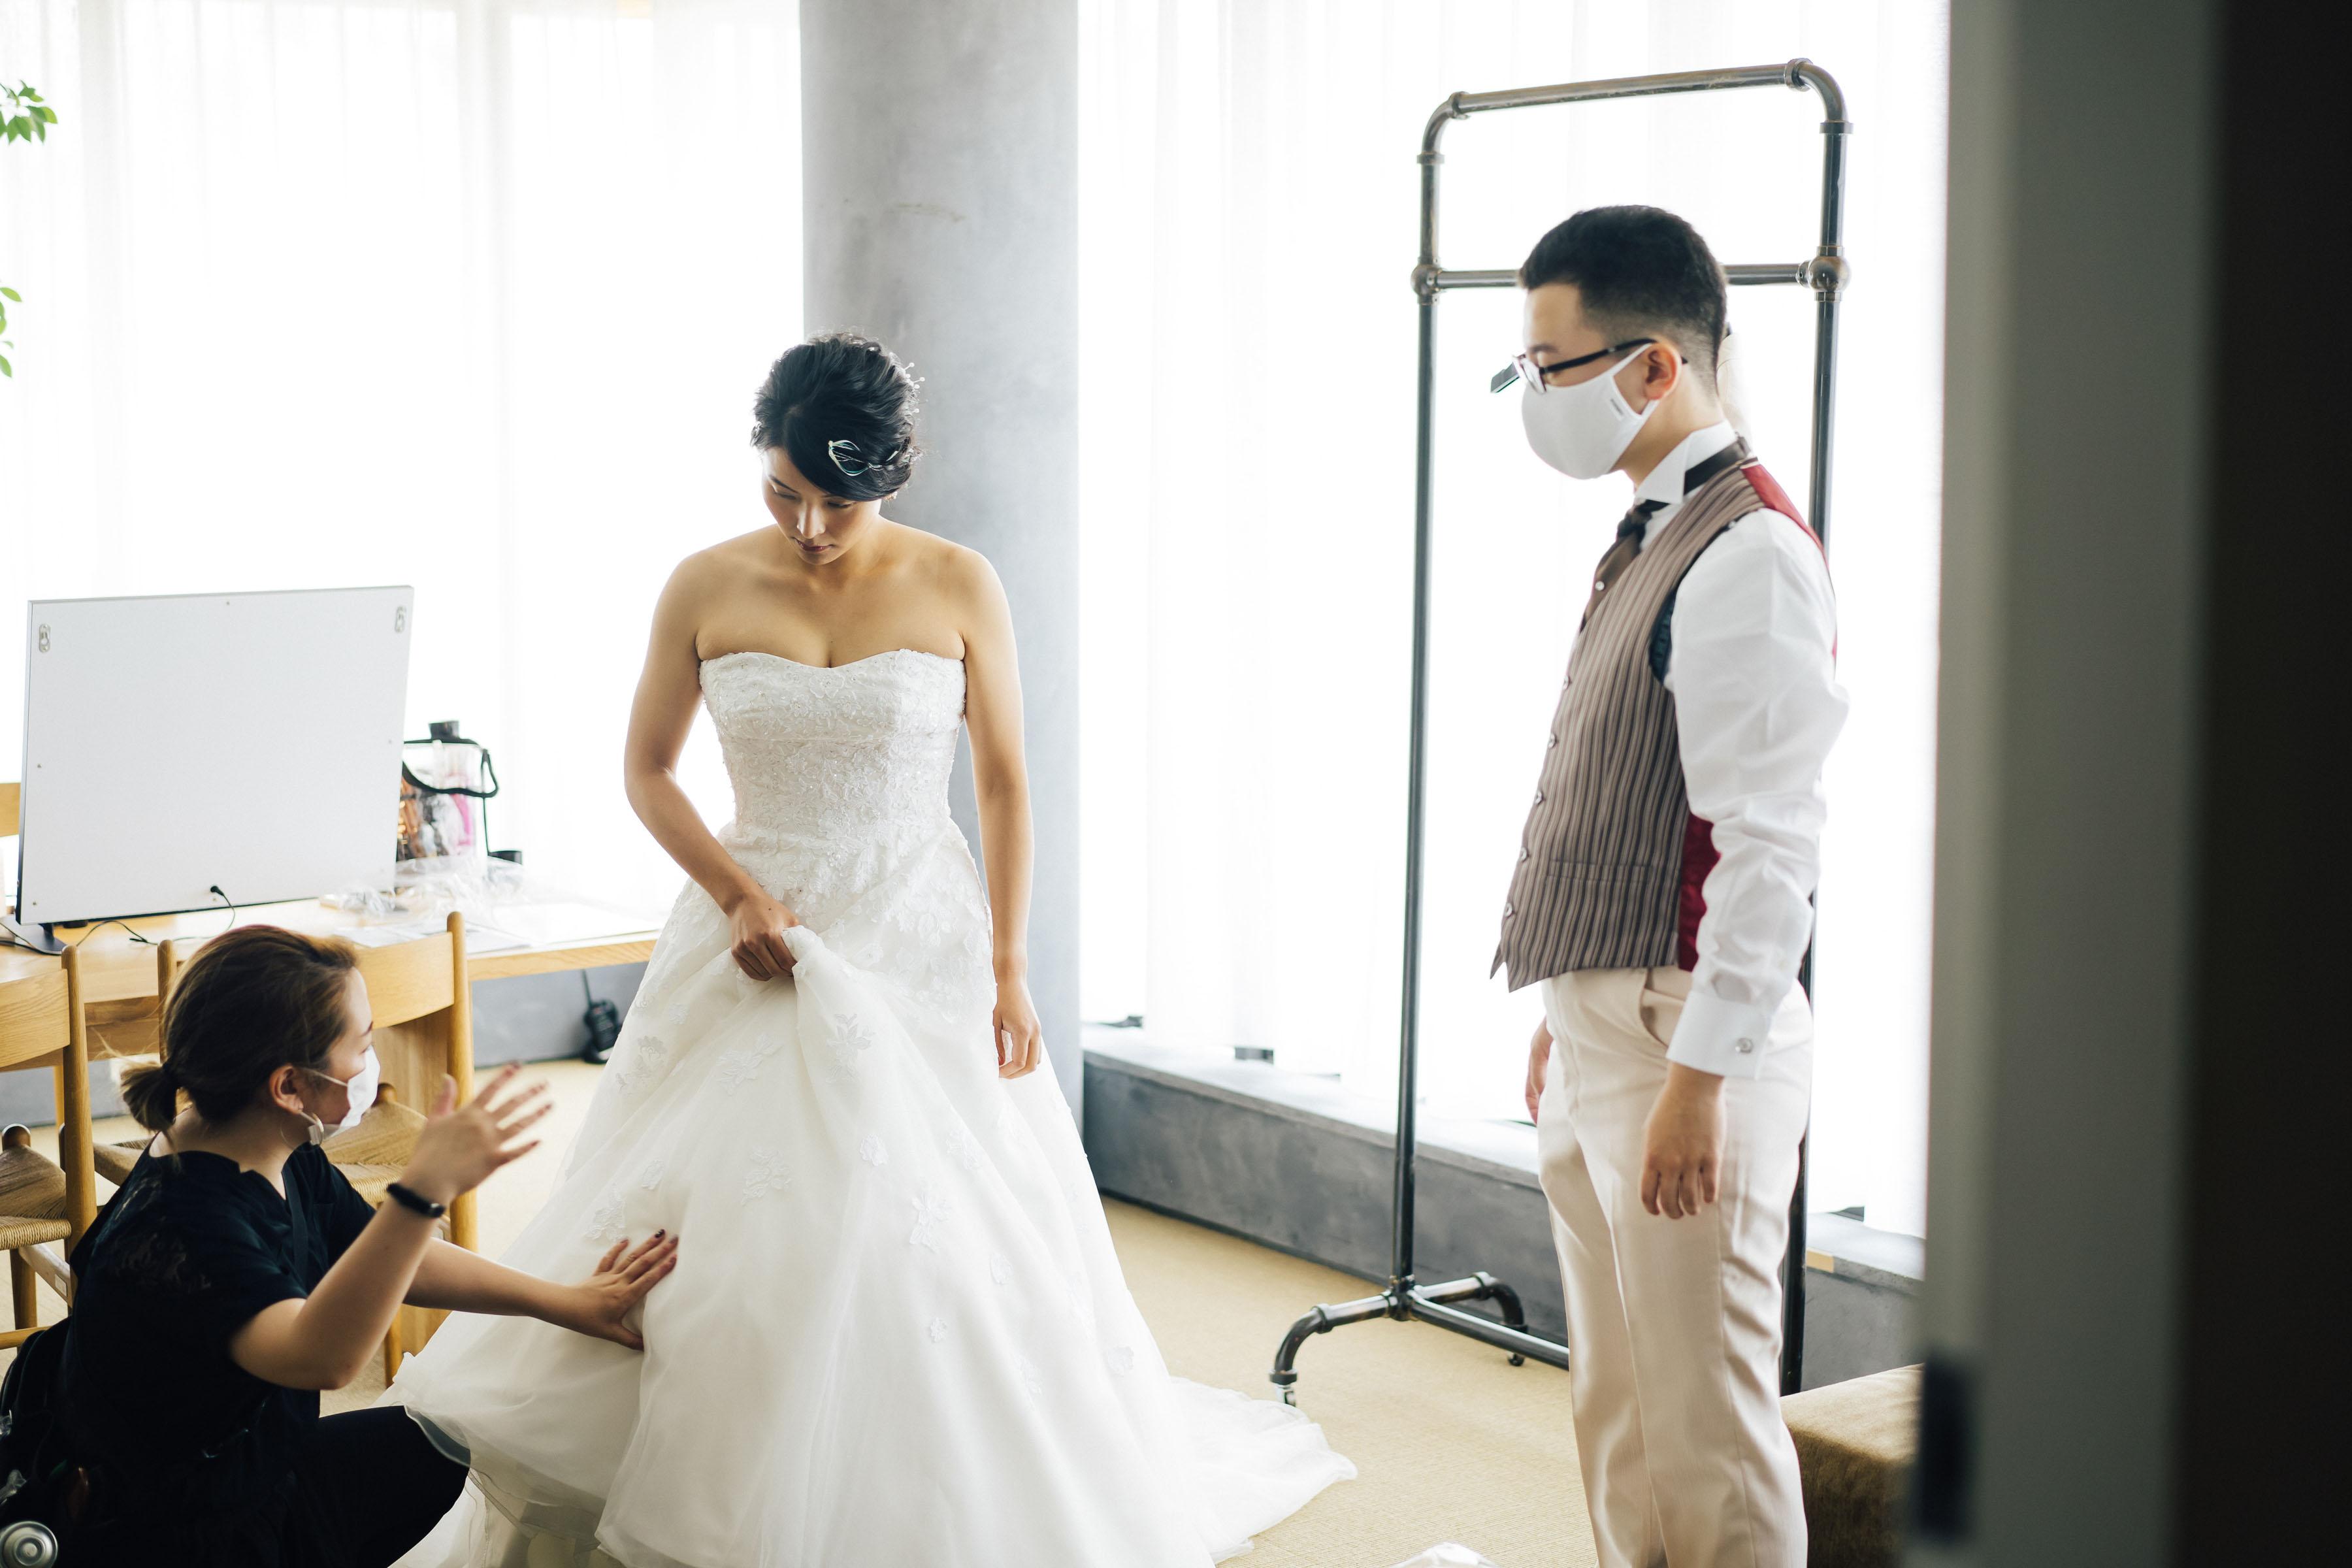 結婚式に向けて着替えている様子